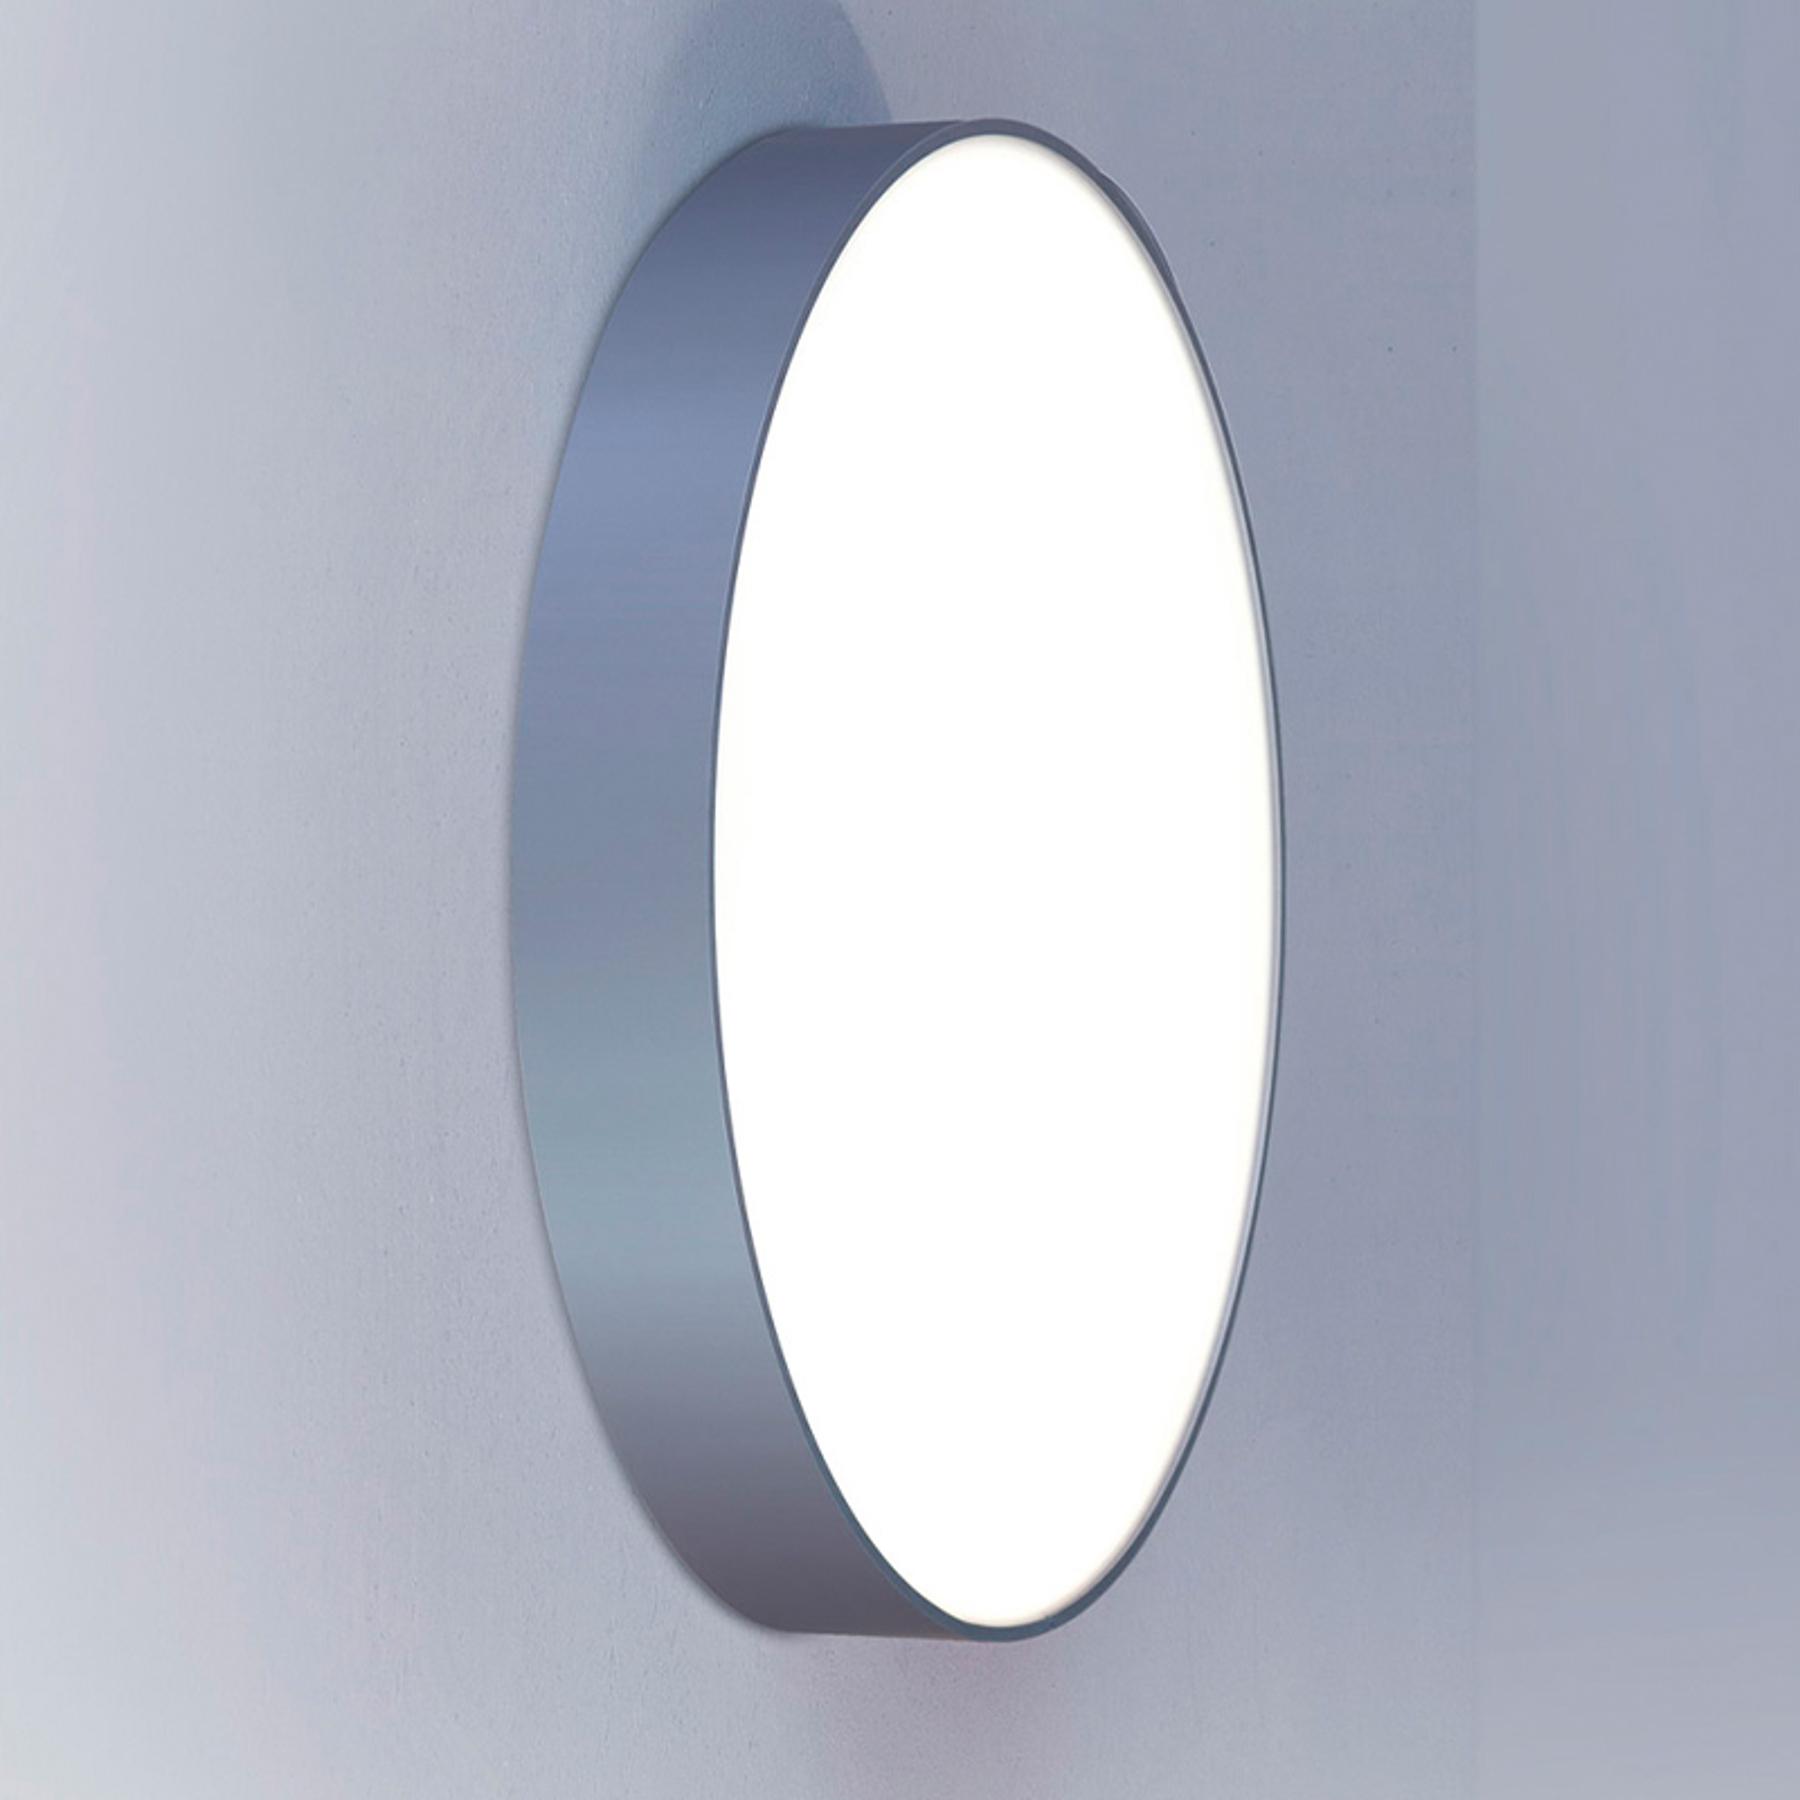 Runde Wandleuchte Basic-A1 silber